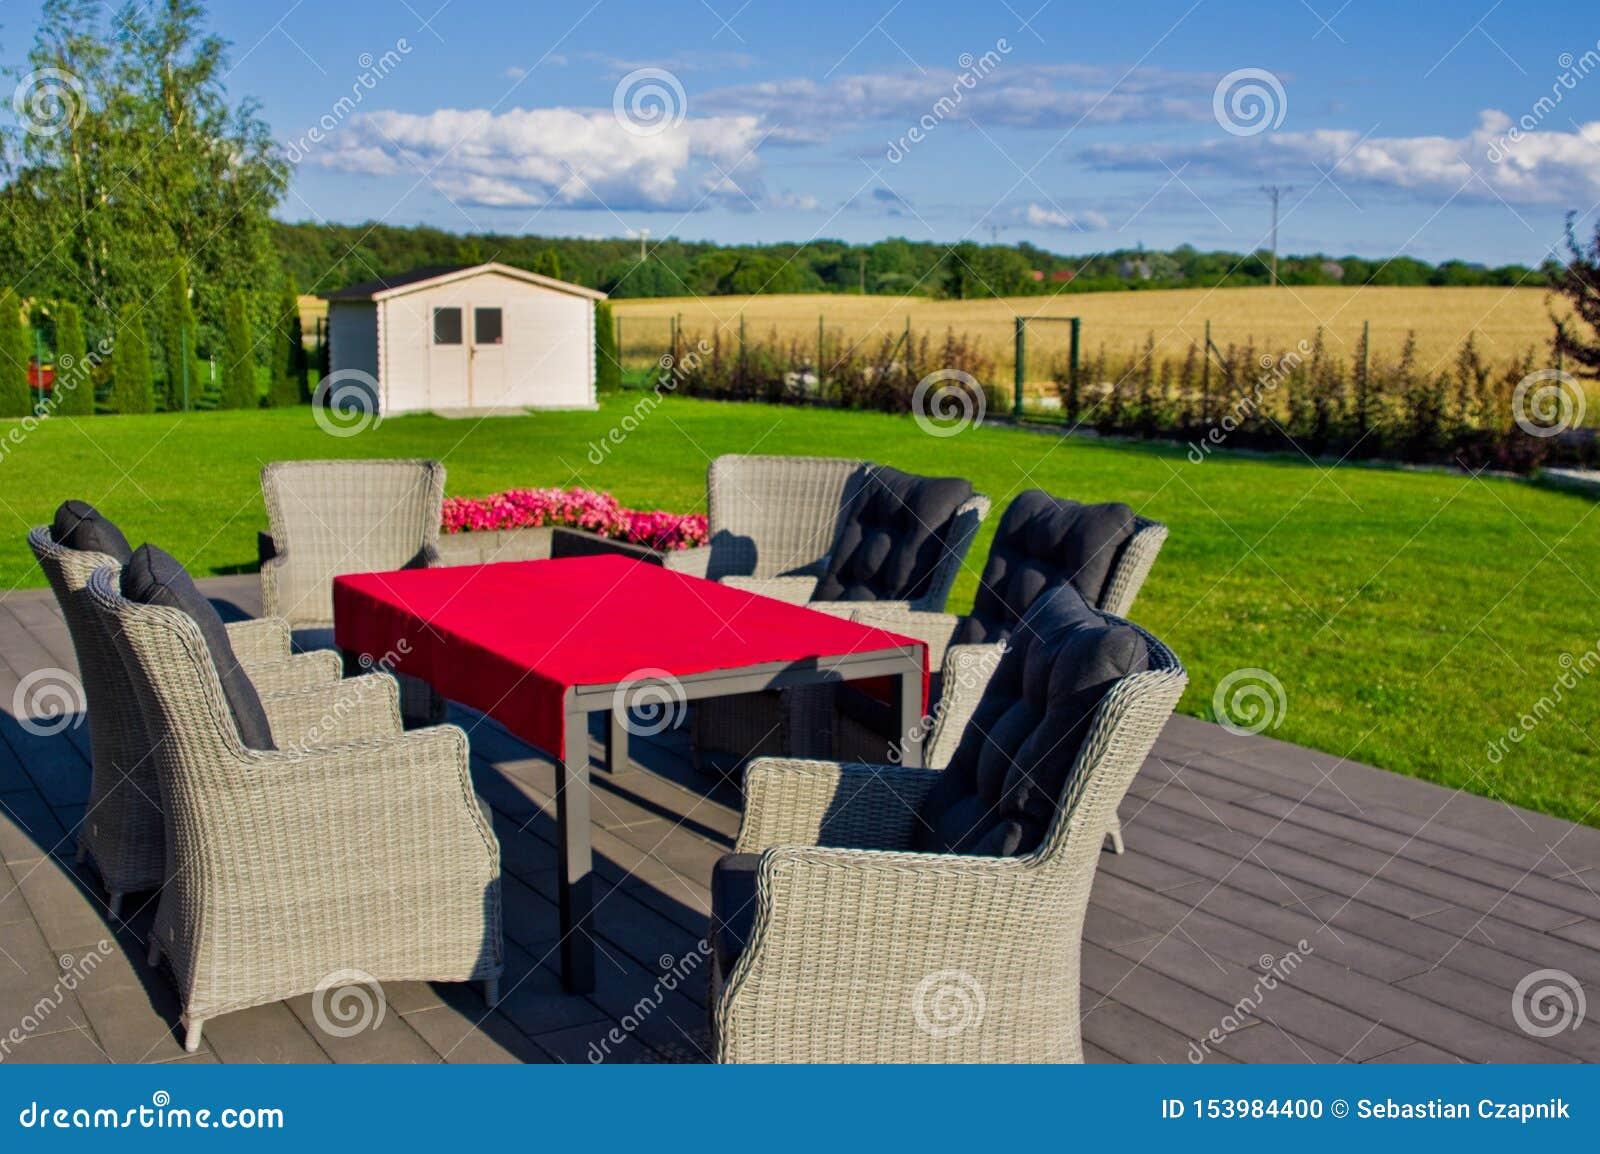 Terrasse A La Maison Elegante Avec Des Meubles De Jardin Photo